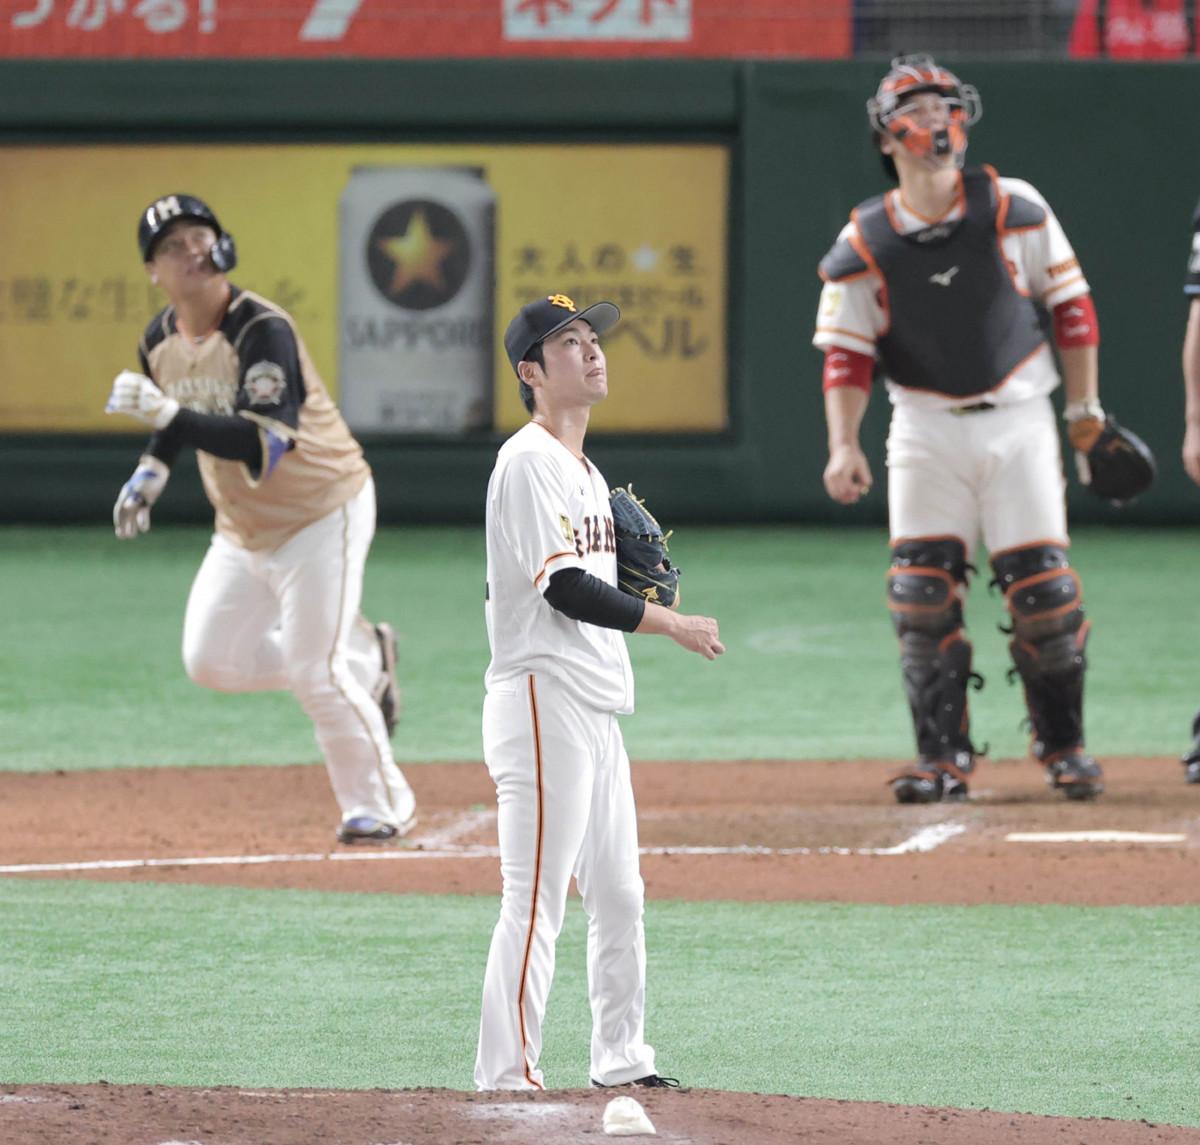 沼田翔平の画像 p1_32